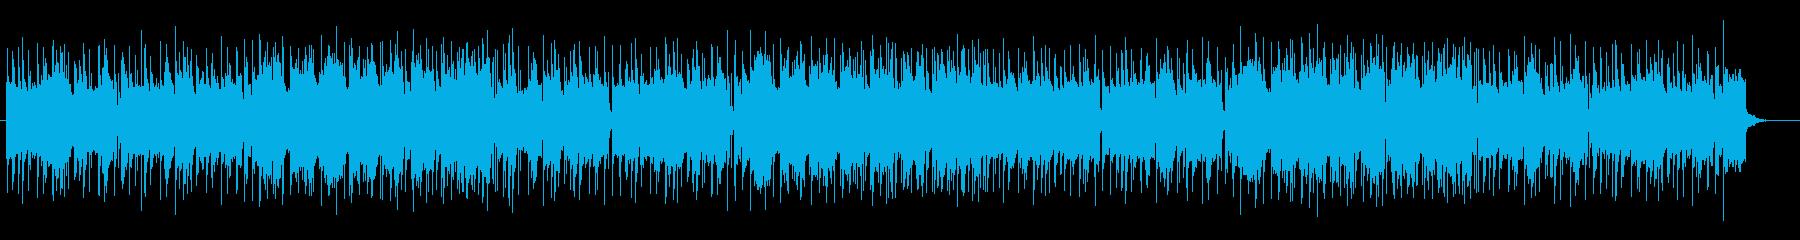 陽気で朗らかなポップサウンドの再生済みの波形